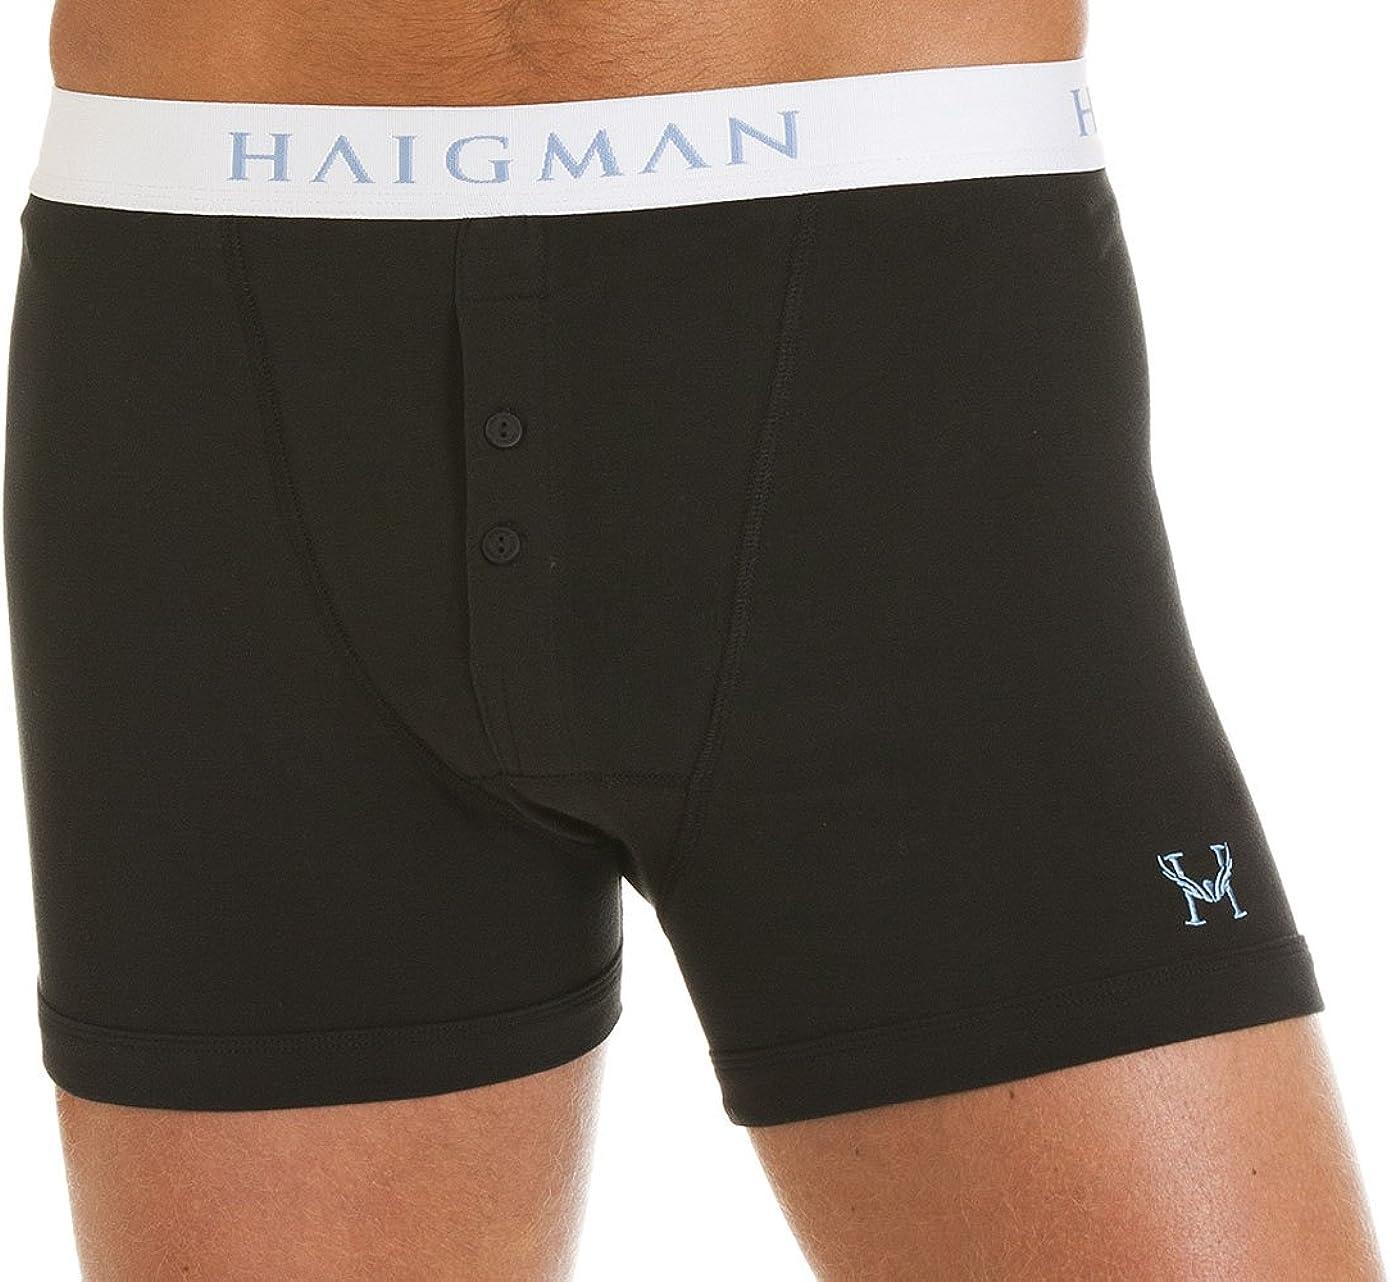 Haigman 2 Pack Mens Boxers Underwear Cotton Briefs Boxers Flexible Trunks